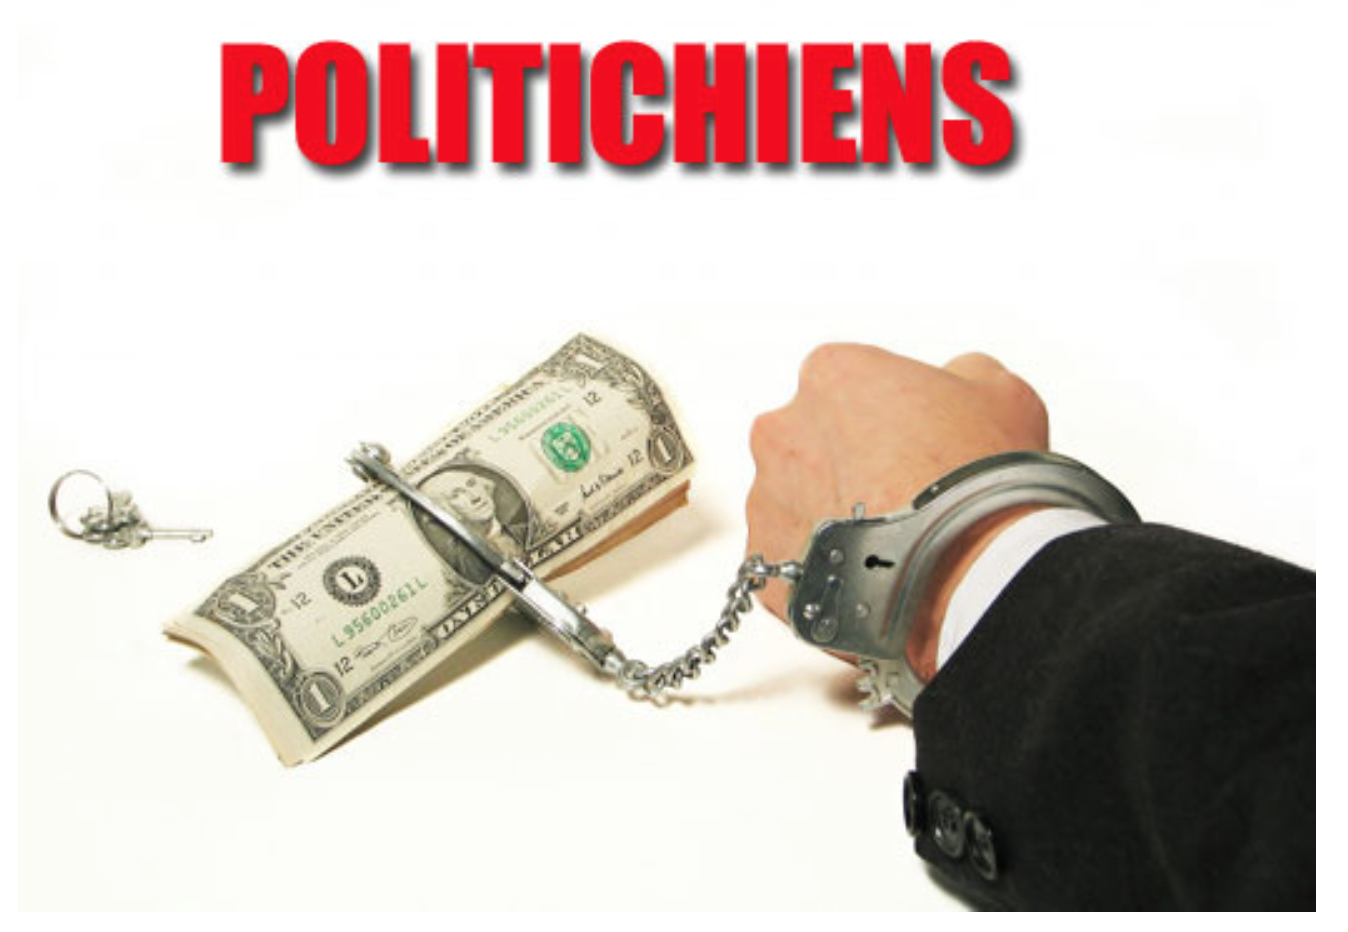 Les politichiens